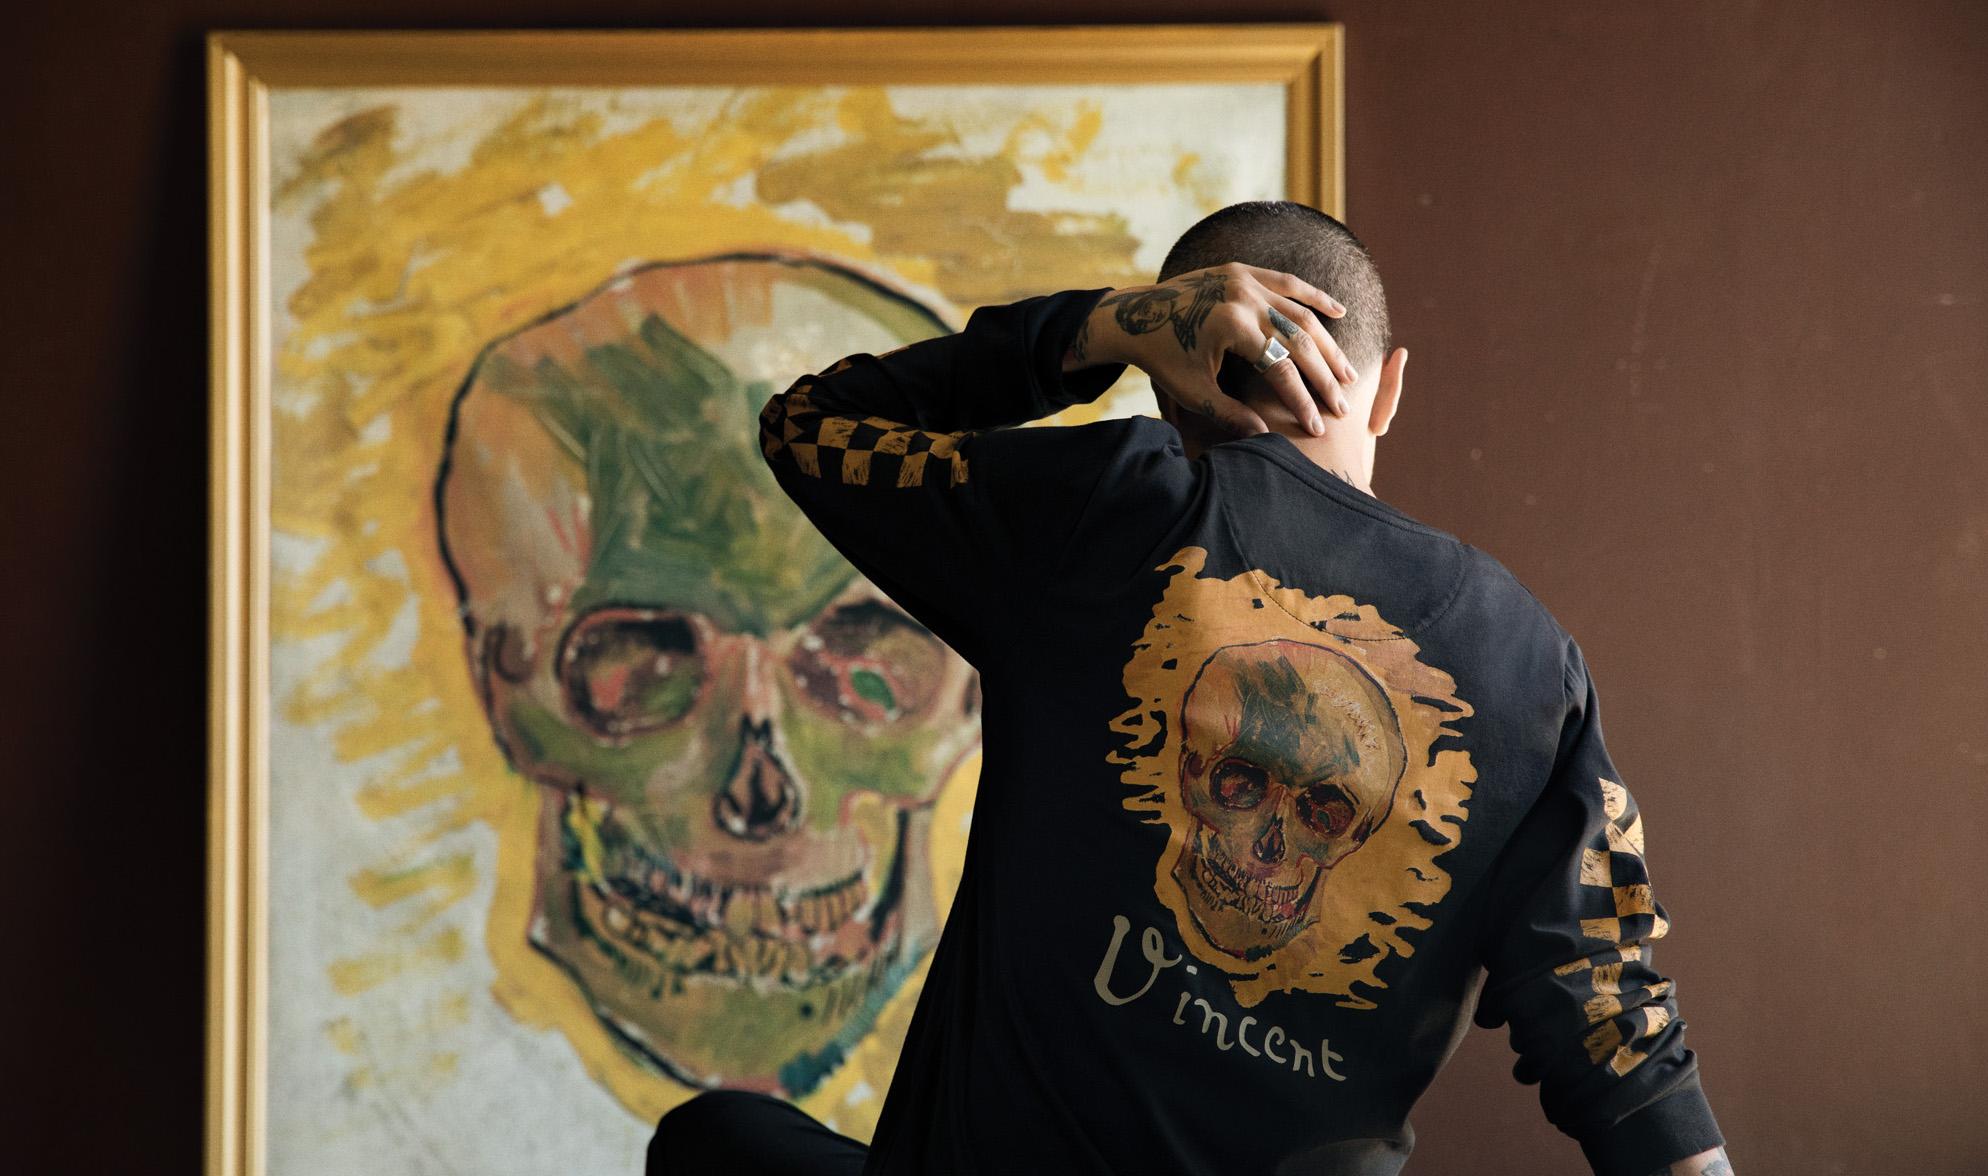 Mästerliga sneakers från Vans x Van Gogh Museum